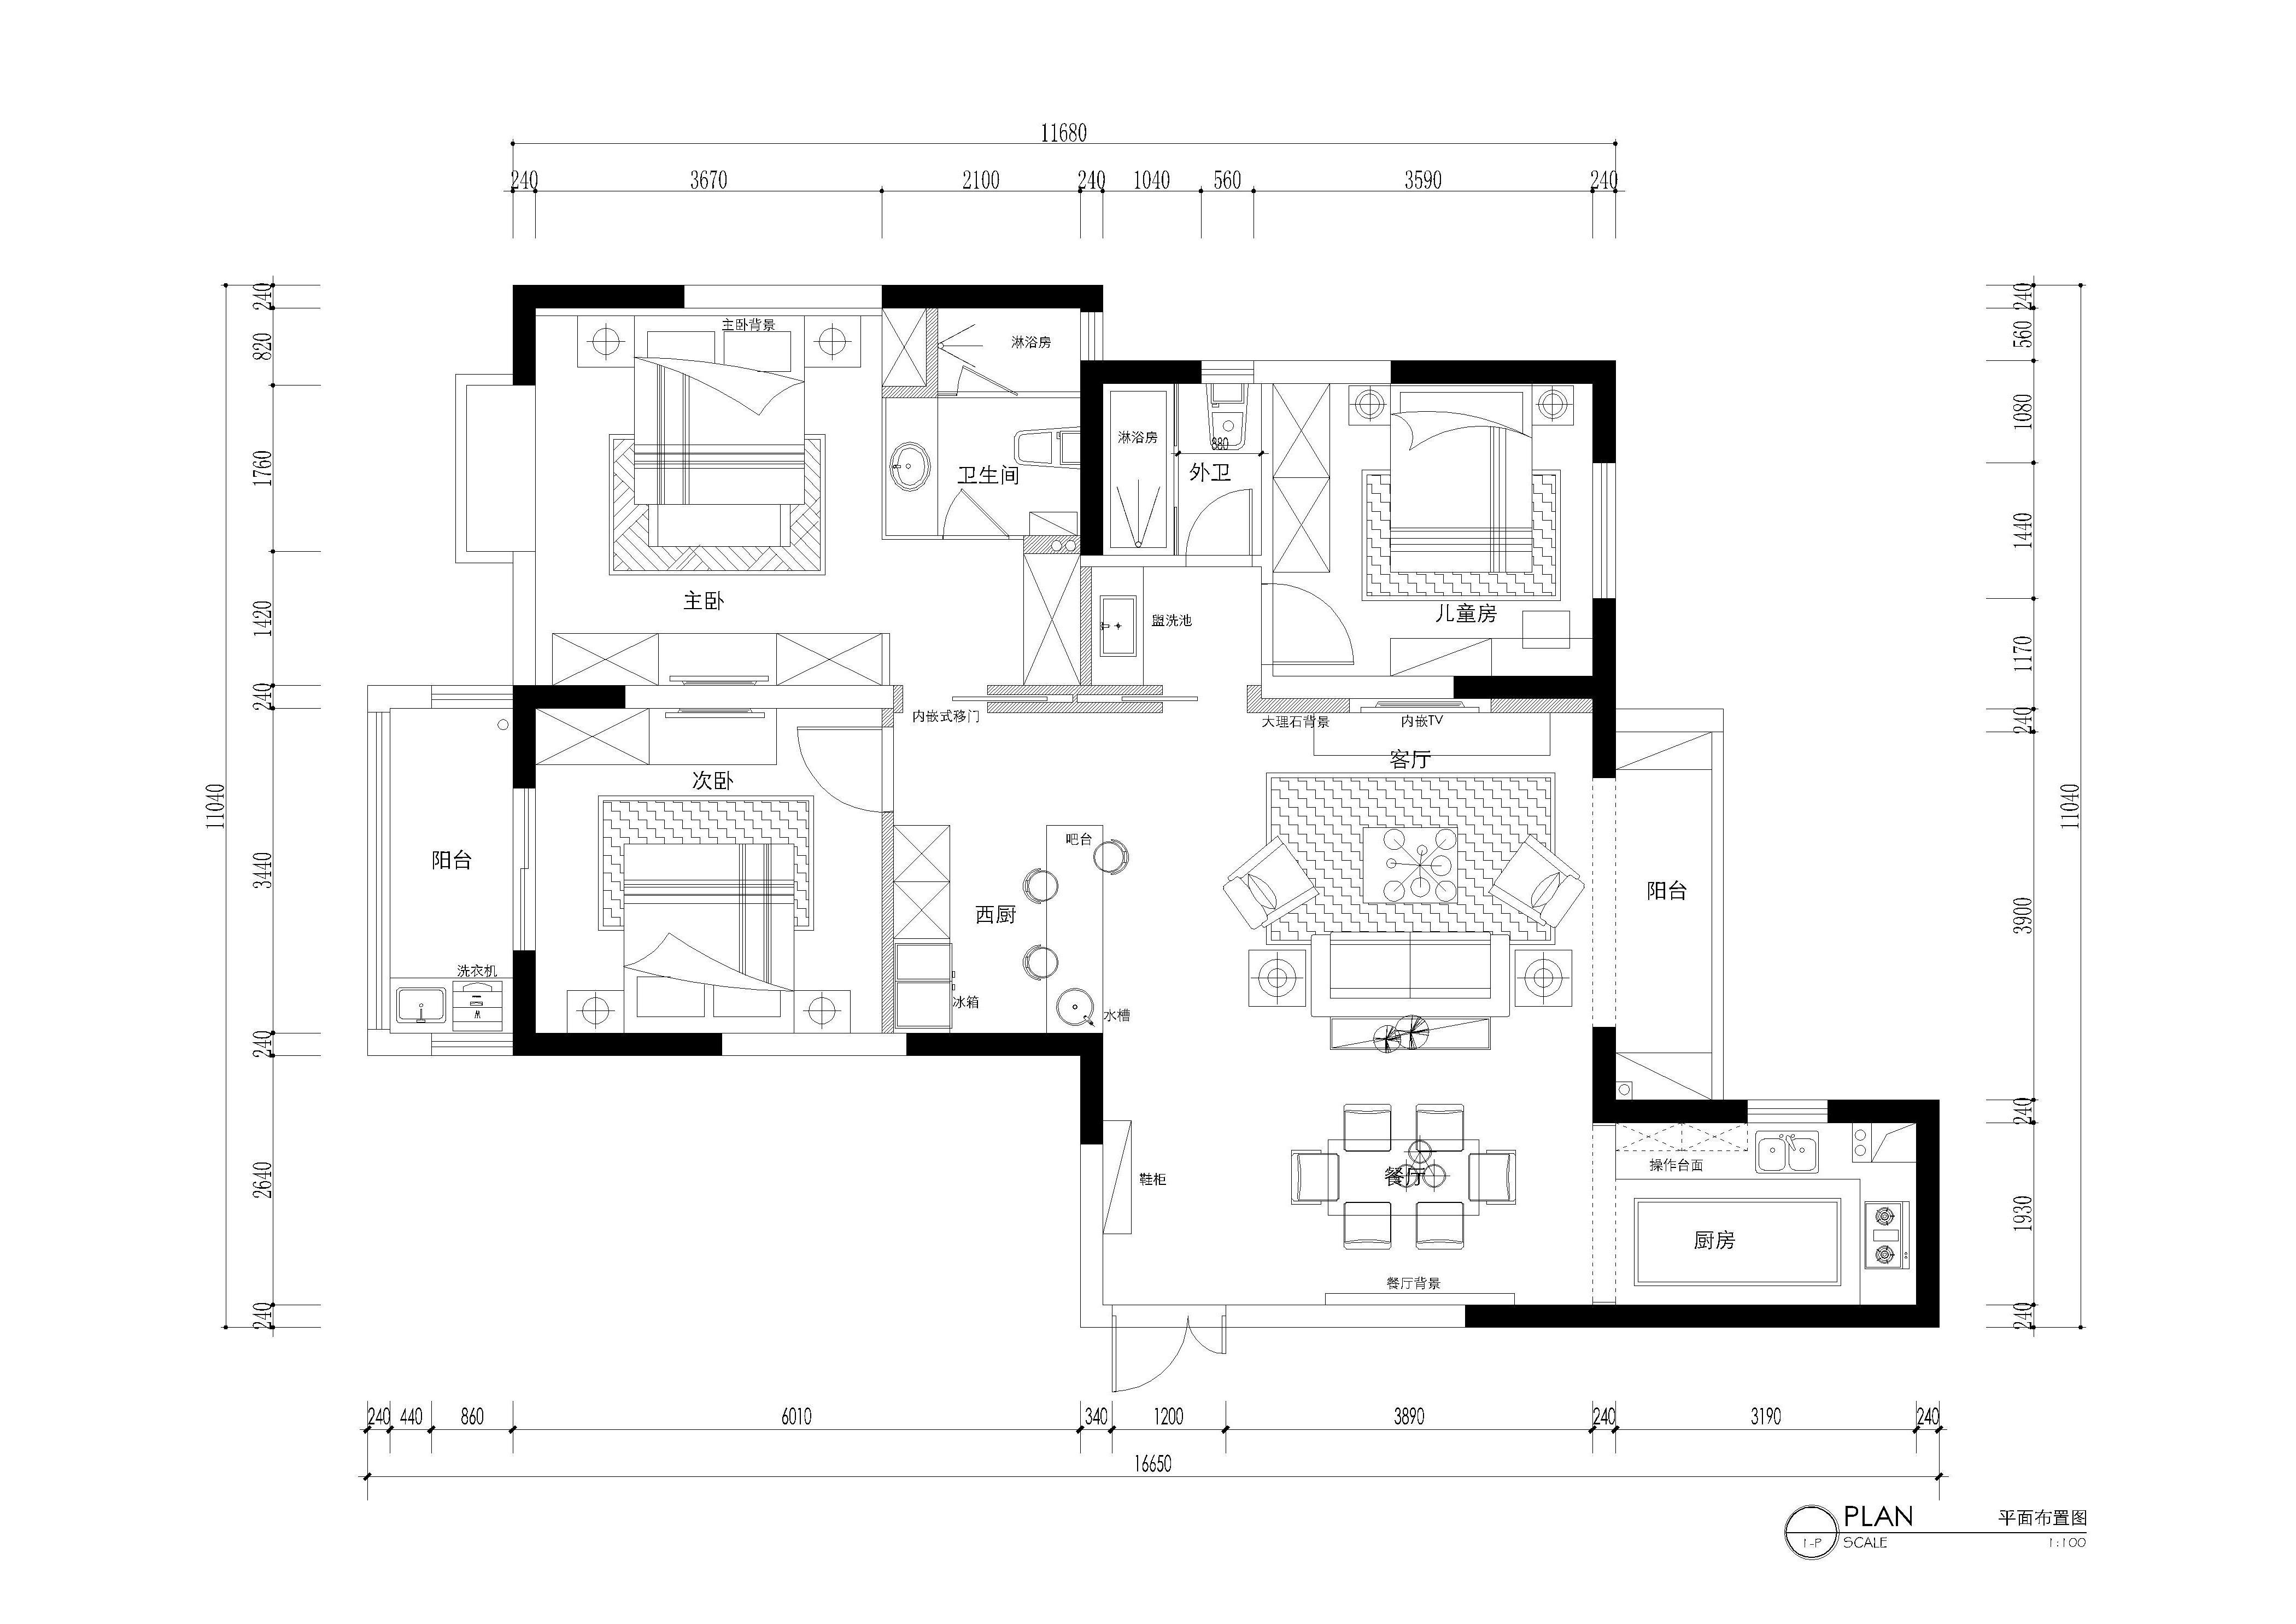 戶型格局端正,采光好,室内通透,空间功能布局完善,面積利用合理。